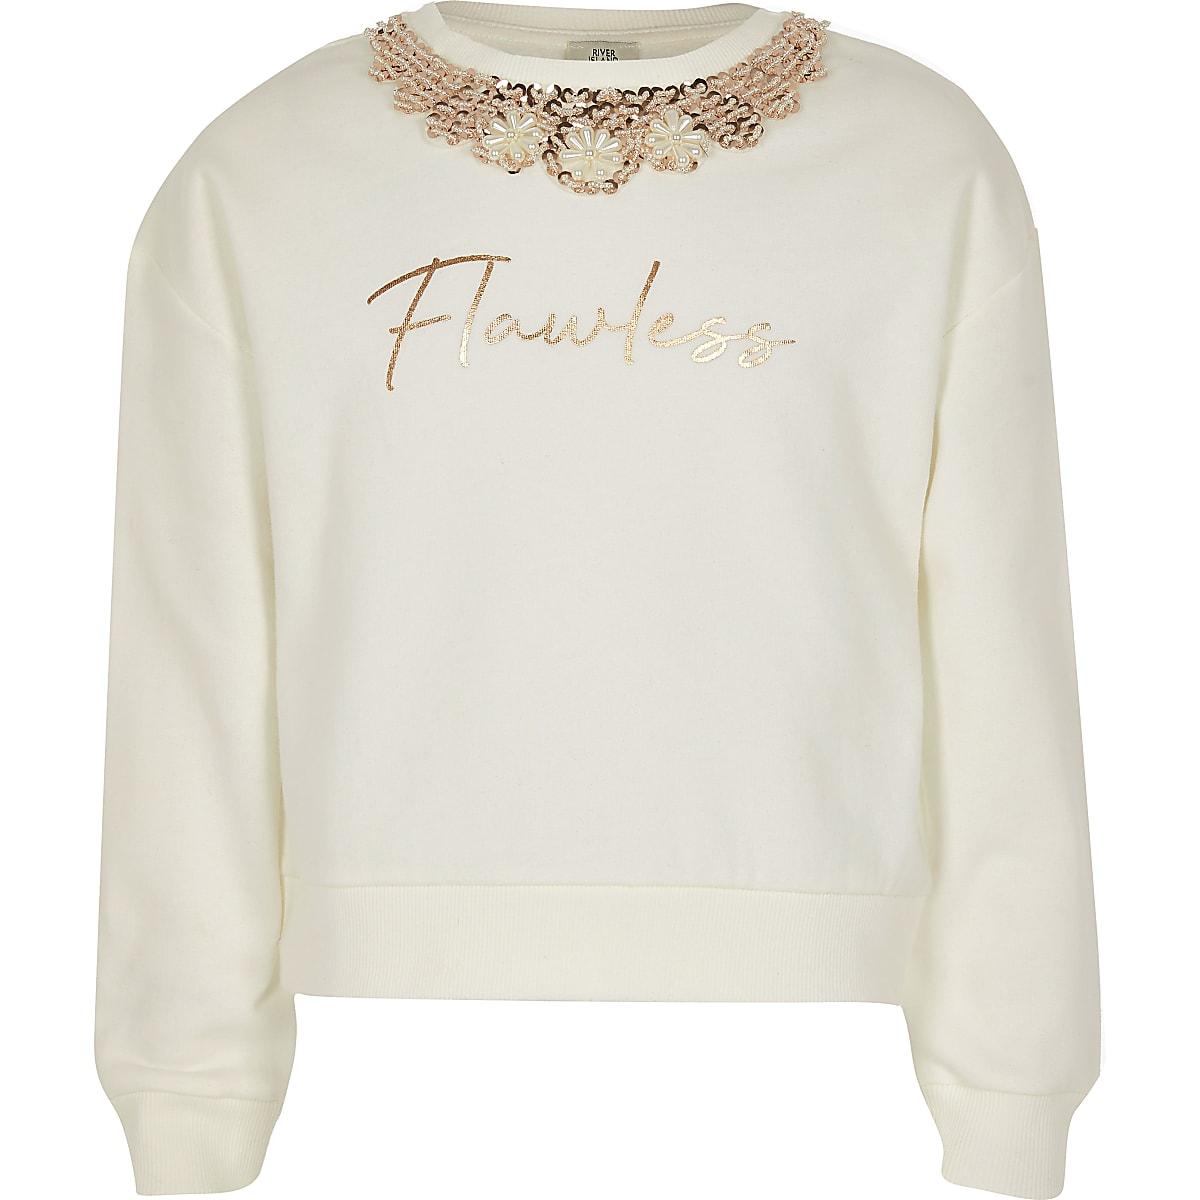 Girls cream flawless embellished sweatshirt